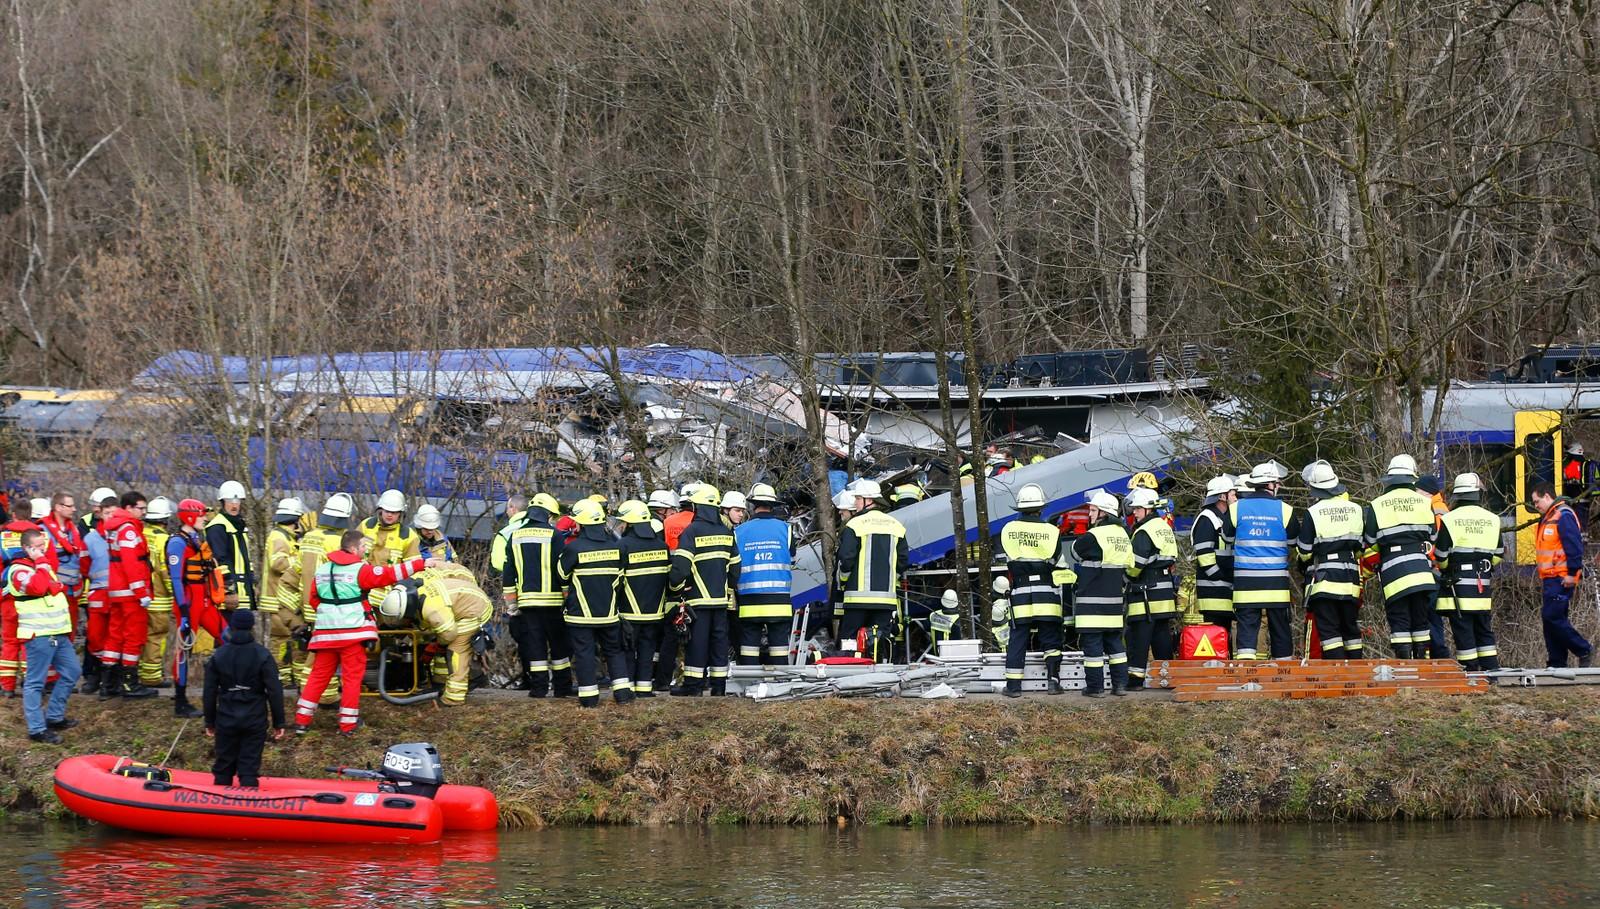 To tog har kollidert i nærheten av byen Bad Aibling sørøst i Tyskland, og ifølge politiet er det flere døde. Rundt 150 personer er skadd i kollisjonen